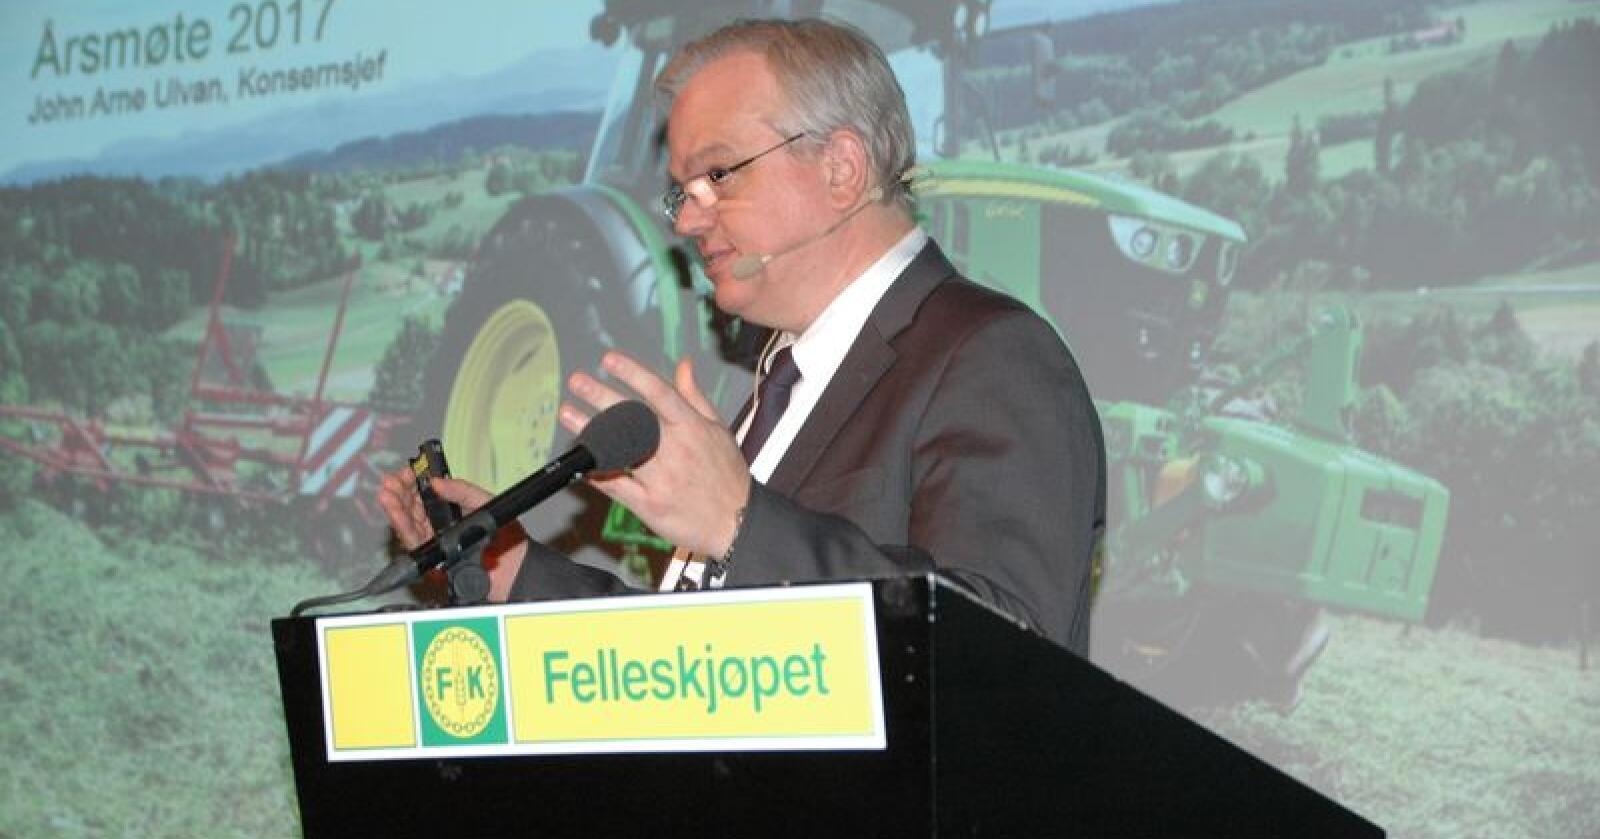 Effektene av årets sesong forventes å prege FKs resultater også første halvår 2019. – Sett under ett, og med markedsutviklingen tatt i betraktning, leverer vi et tilfredsstillende resultat for tredje kvartal, sier Konsernsjef John Arne Ulvan.